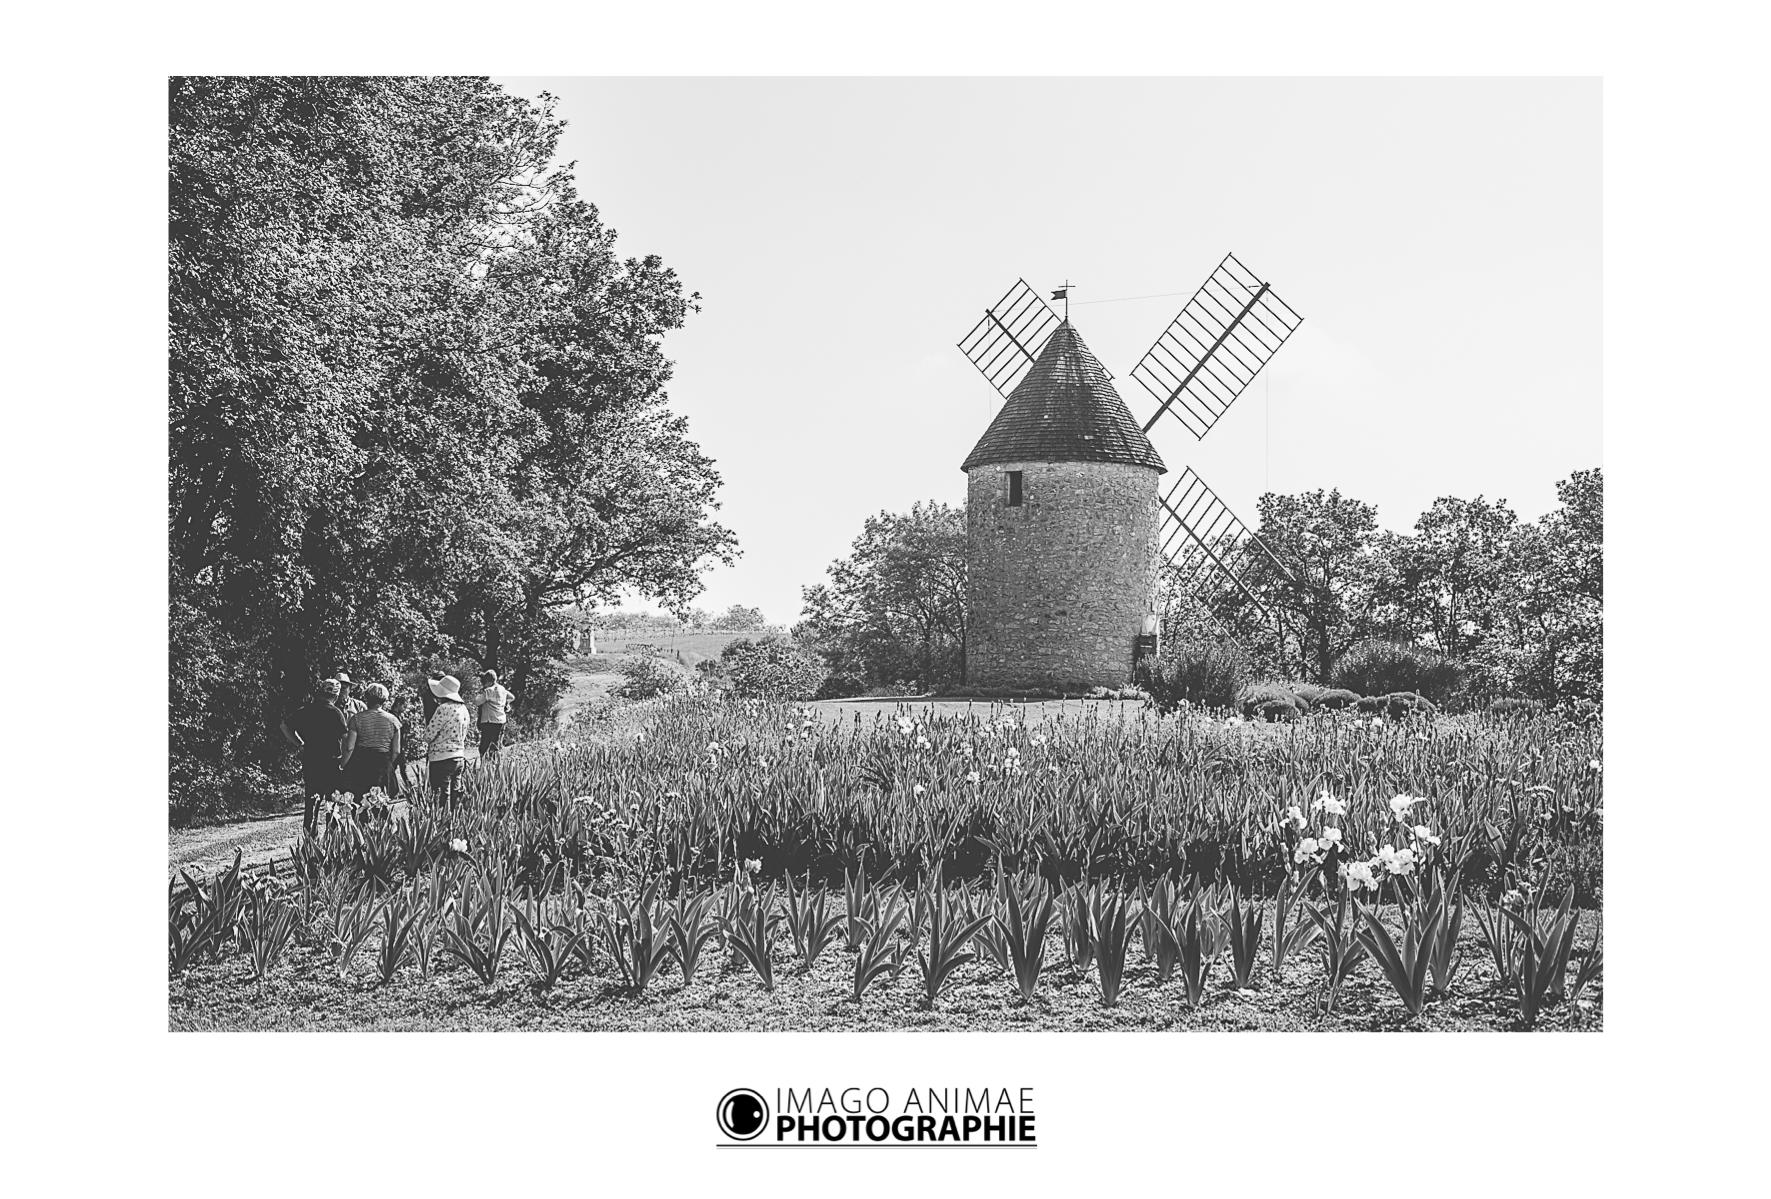 Christophe Camps - Imago Animae Photographie - Mariage - Lifestyle - www.imagoanimae.fr